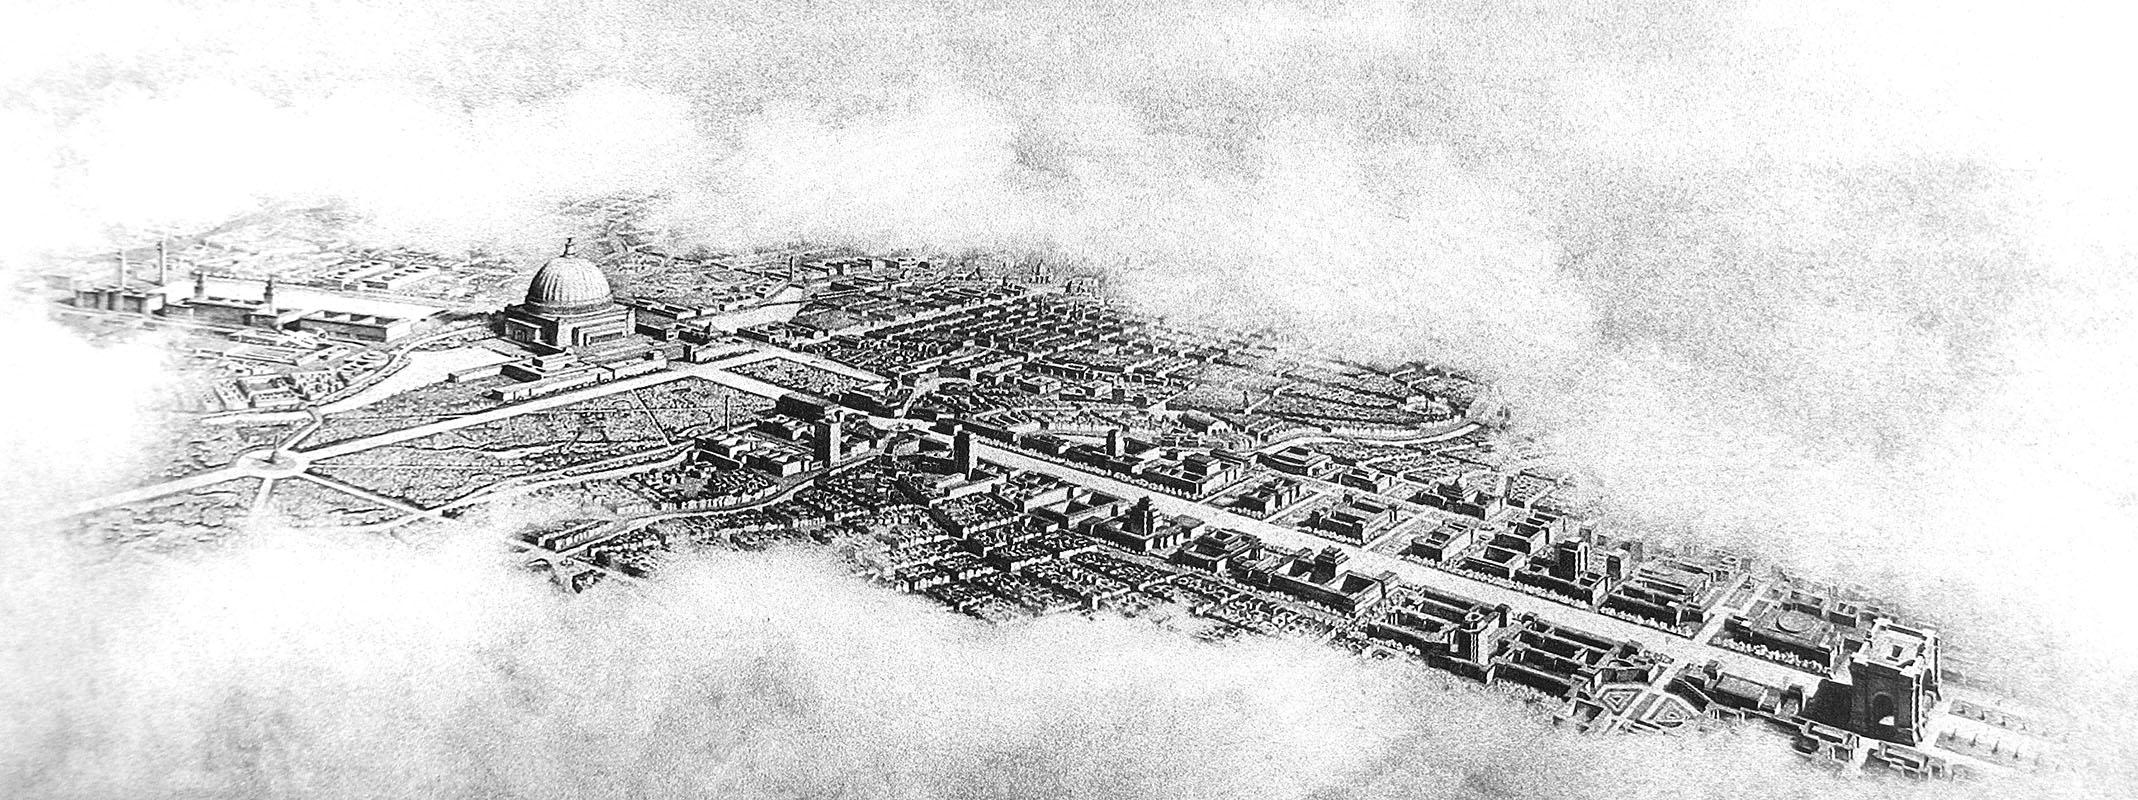 Schaubild der Nord-Süd- und Ost-West-Achse, um 1939, Albert Speer